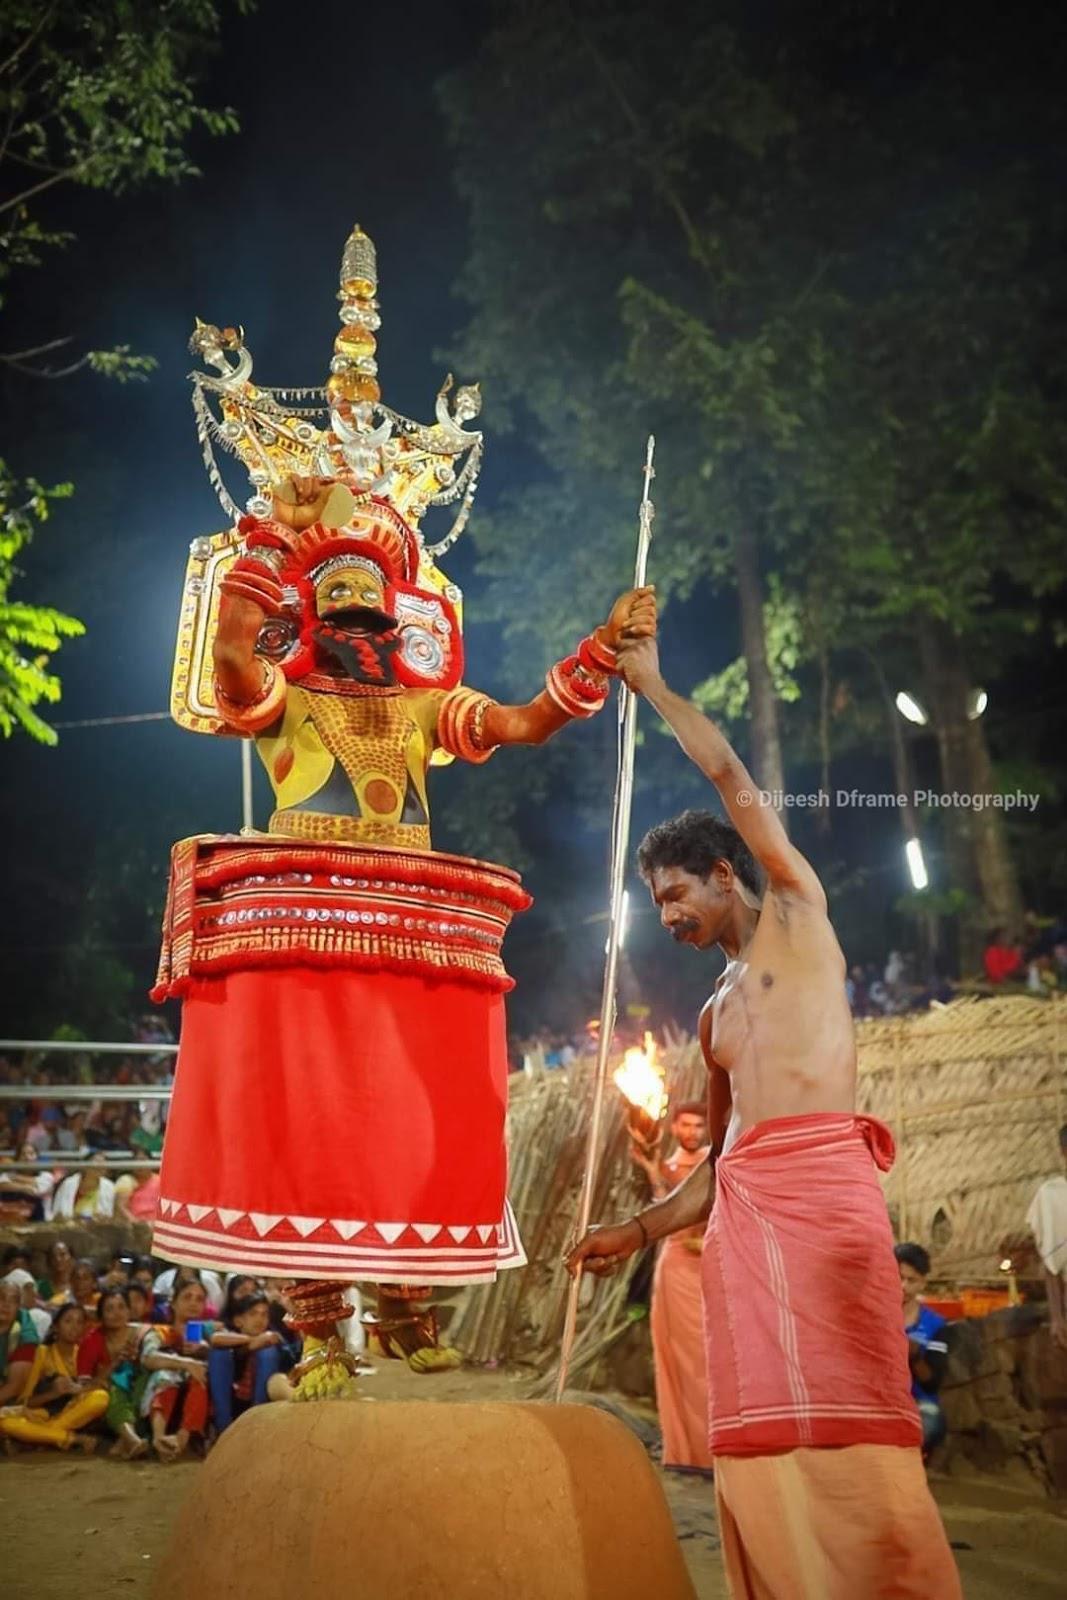 Muthappan Theyyam